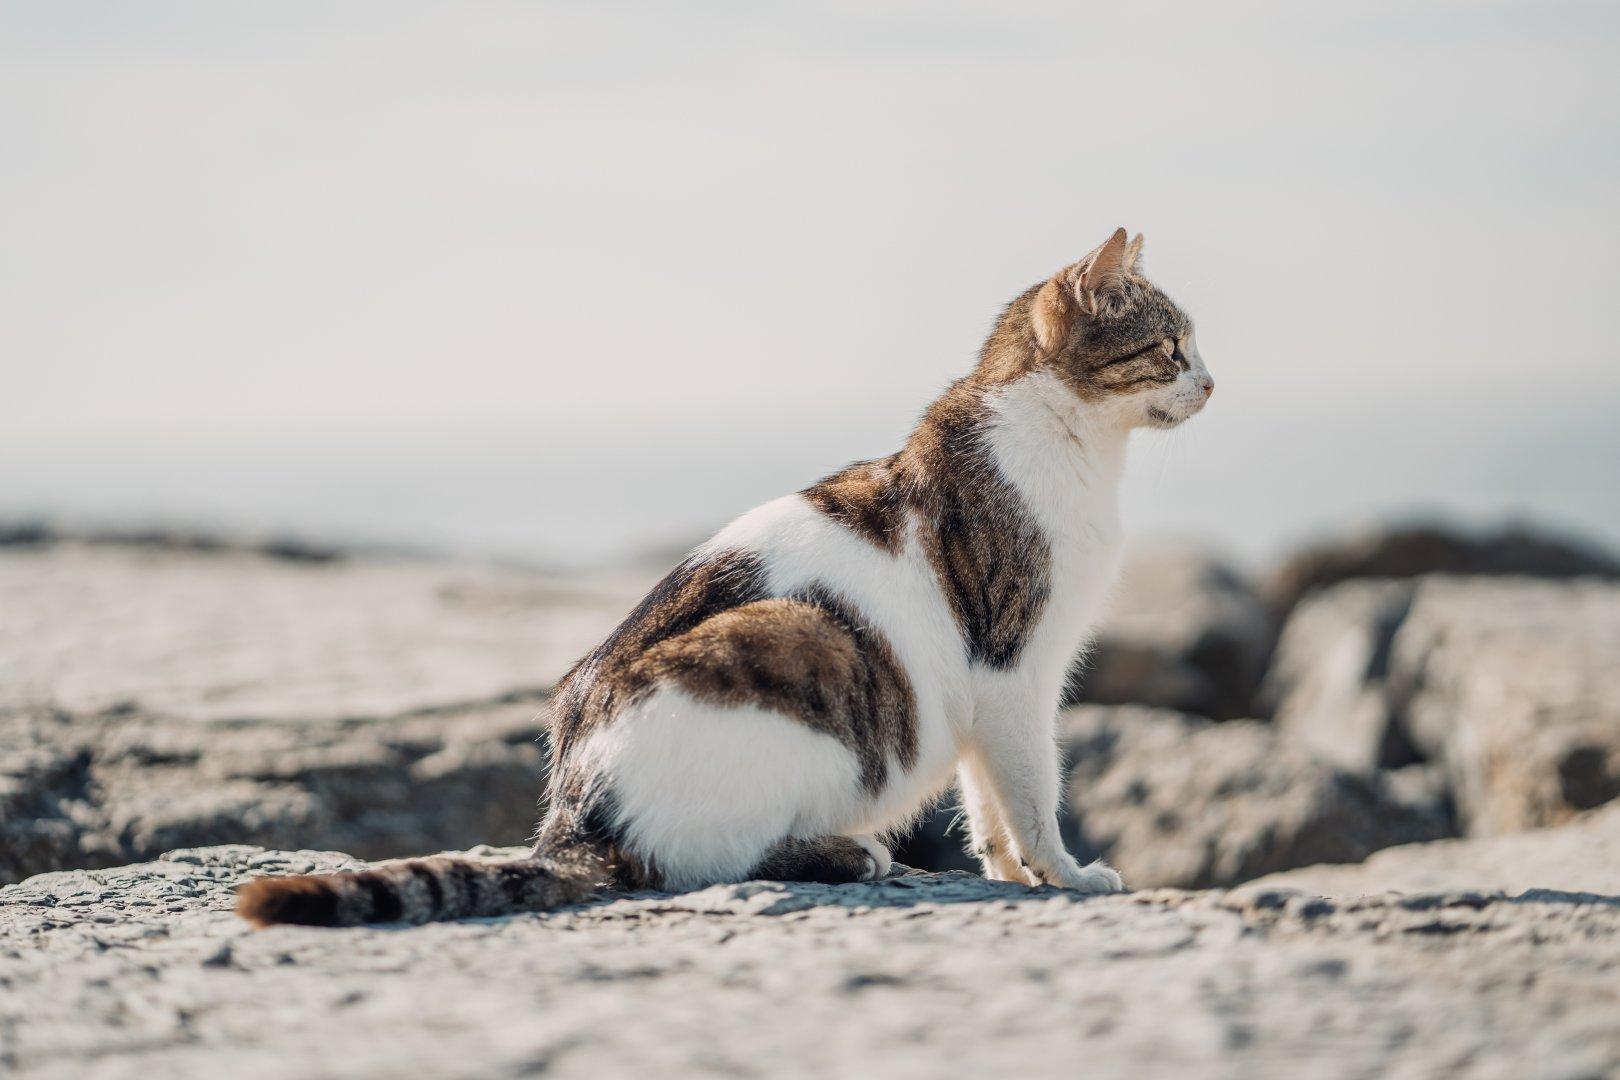 En Güzel Kedi Fotoğrafları